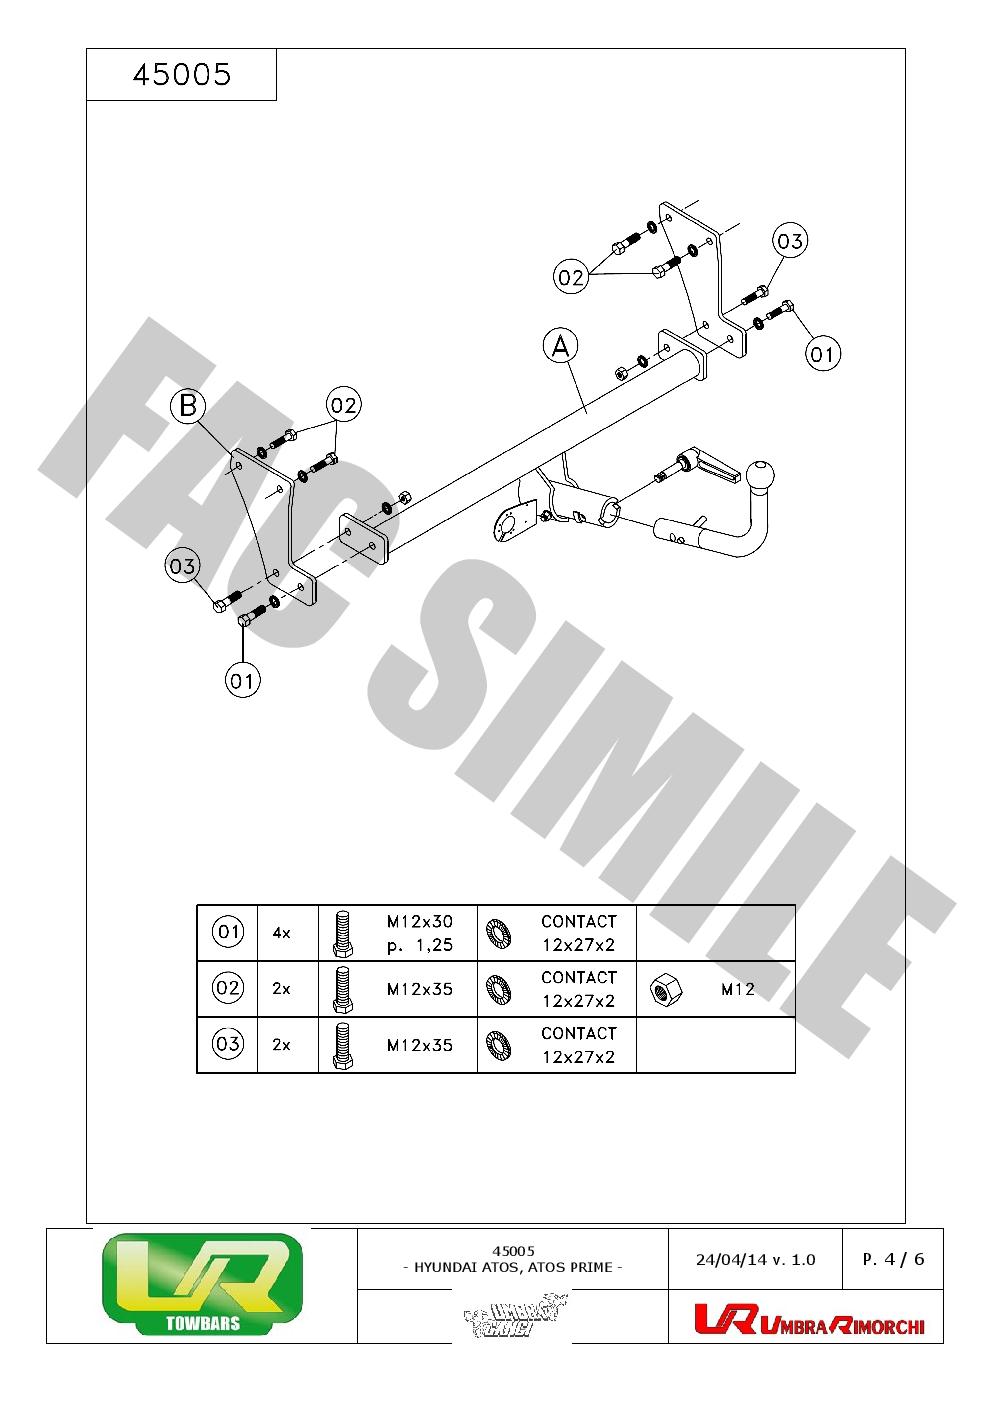 Abnehmbare-Anhaengerkupplung-fuer-Hyundai-Atos-Prime-Fliessheck-98-03-45005-E12